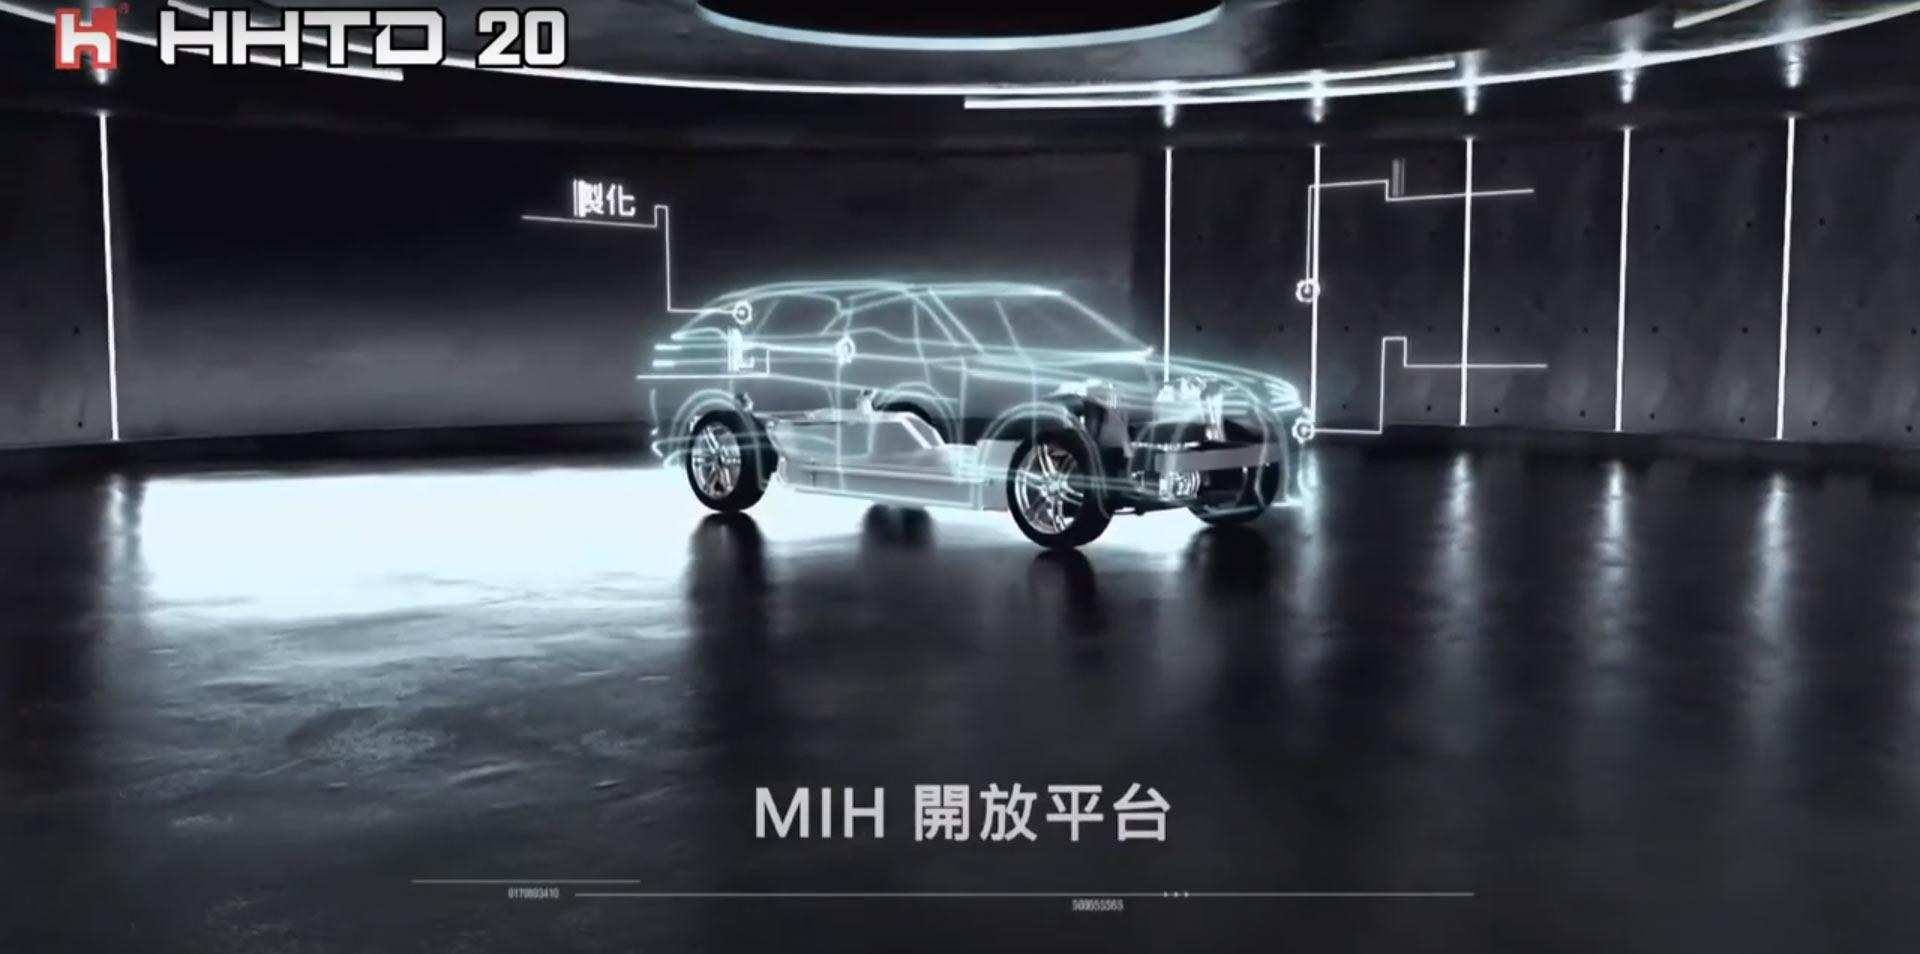 富士康将在2024年推出mih电动车开放平台与固态电池 新浪汽车